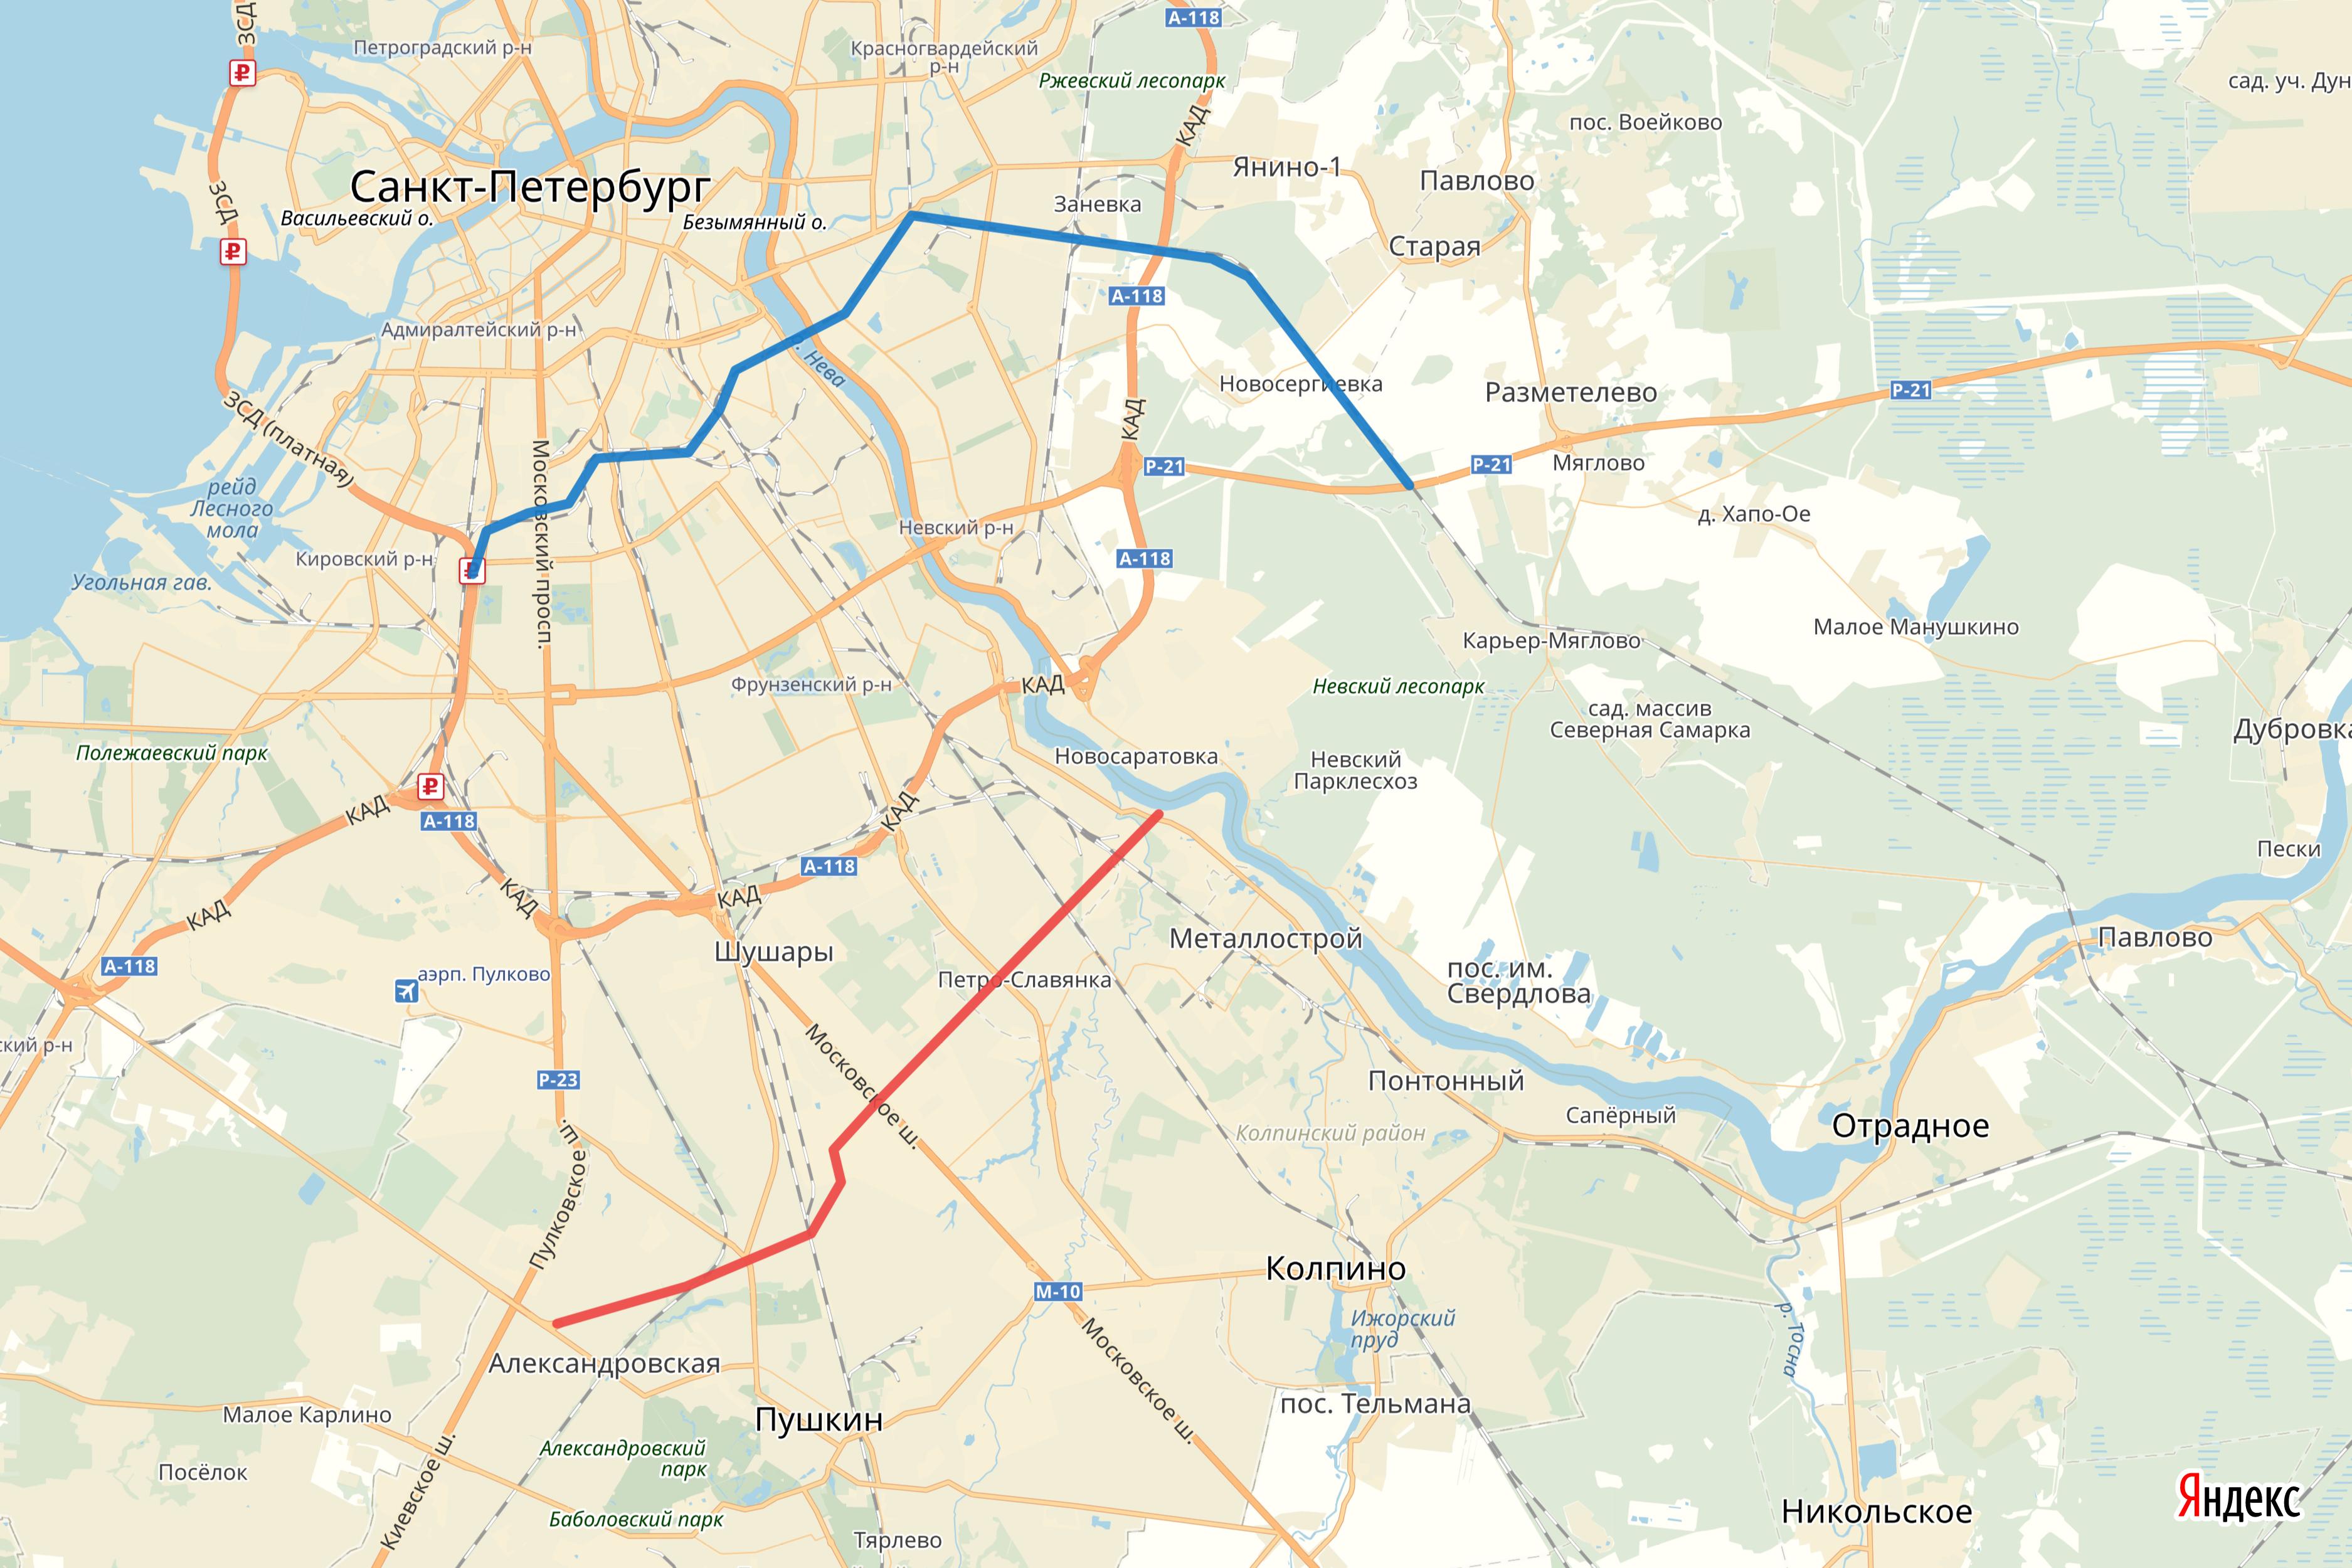 Восточный скоростной диаметр и Южная широтная магистраль. Где их проложат? — Агентство Бизнес Новостей — Ремонт дома